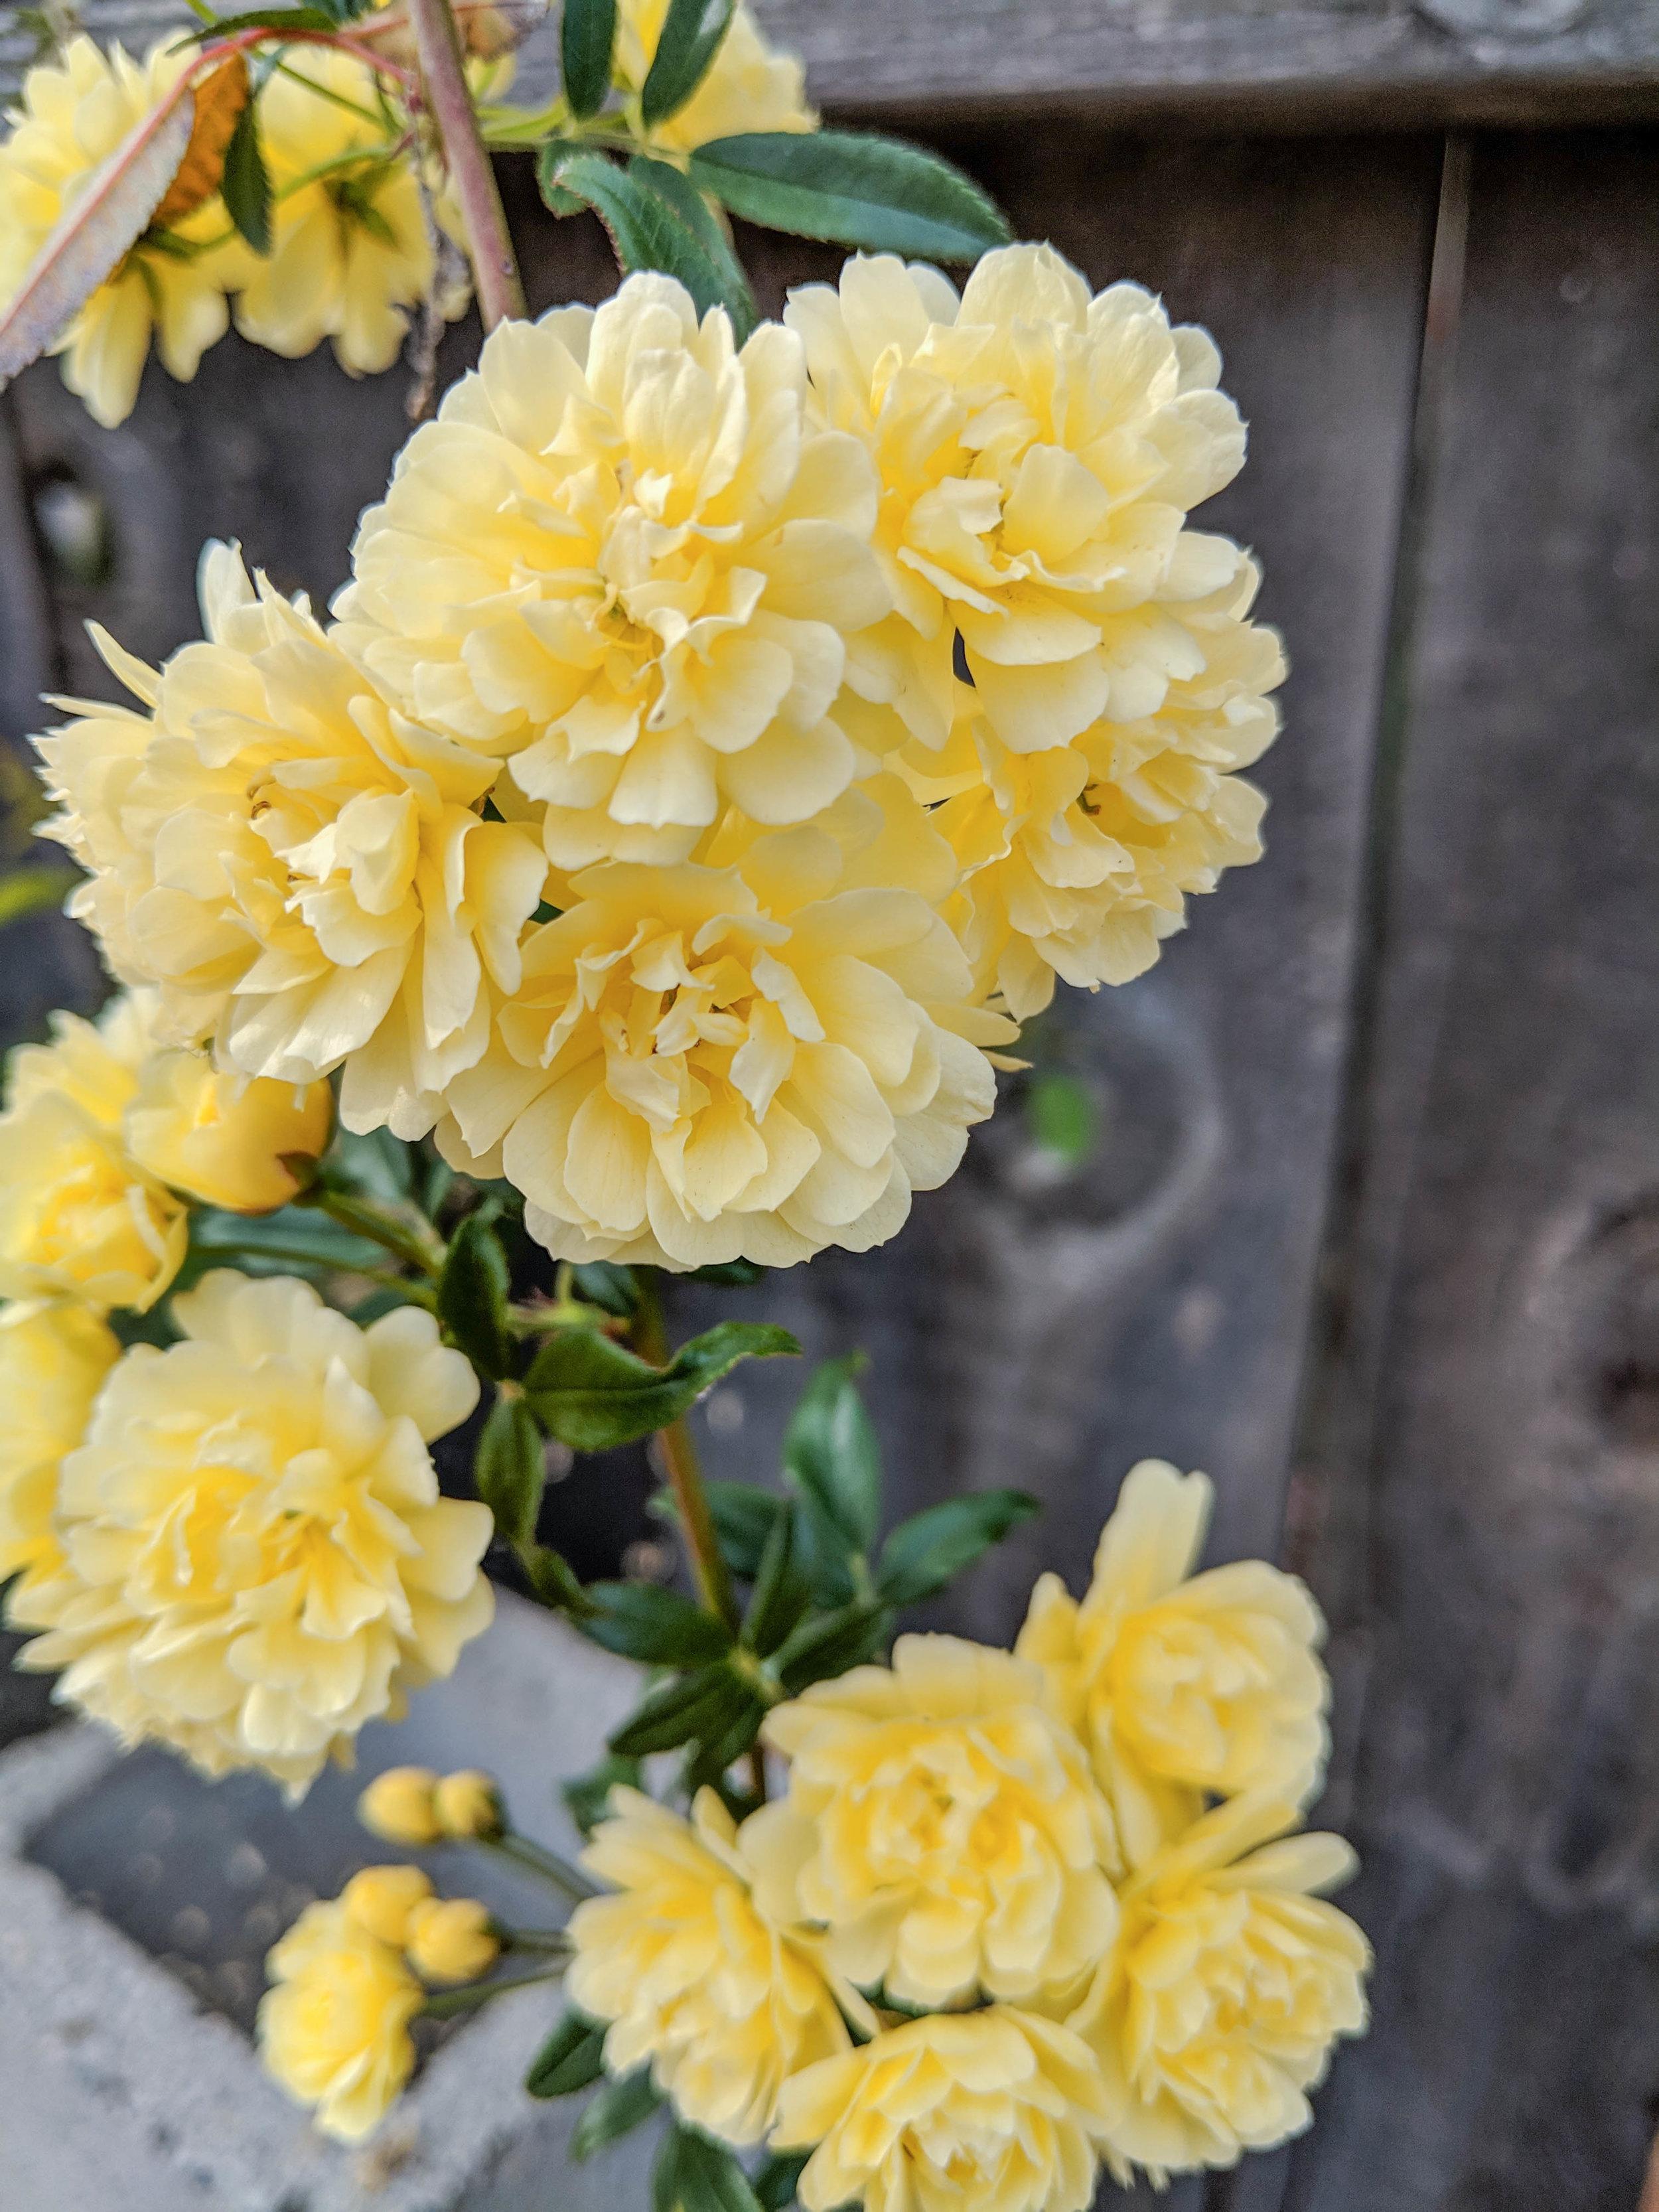 bri rinehart; photography; photography series; nature; flowers